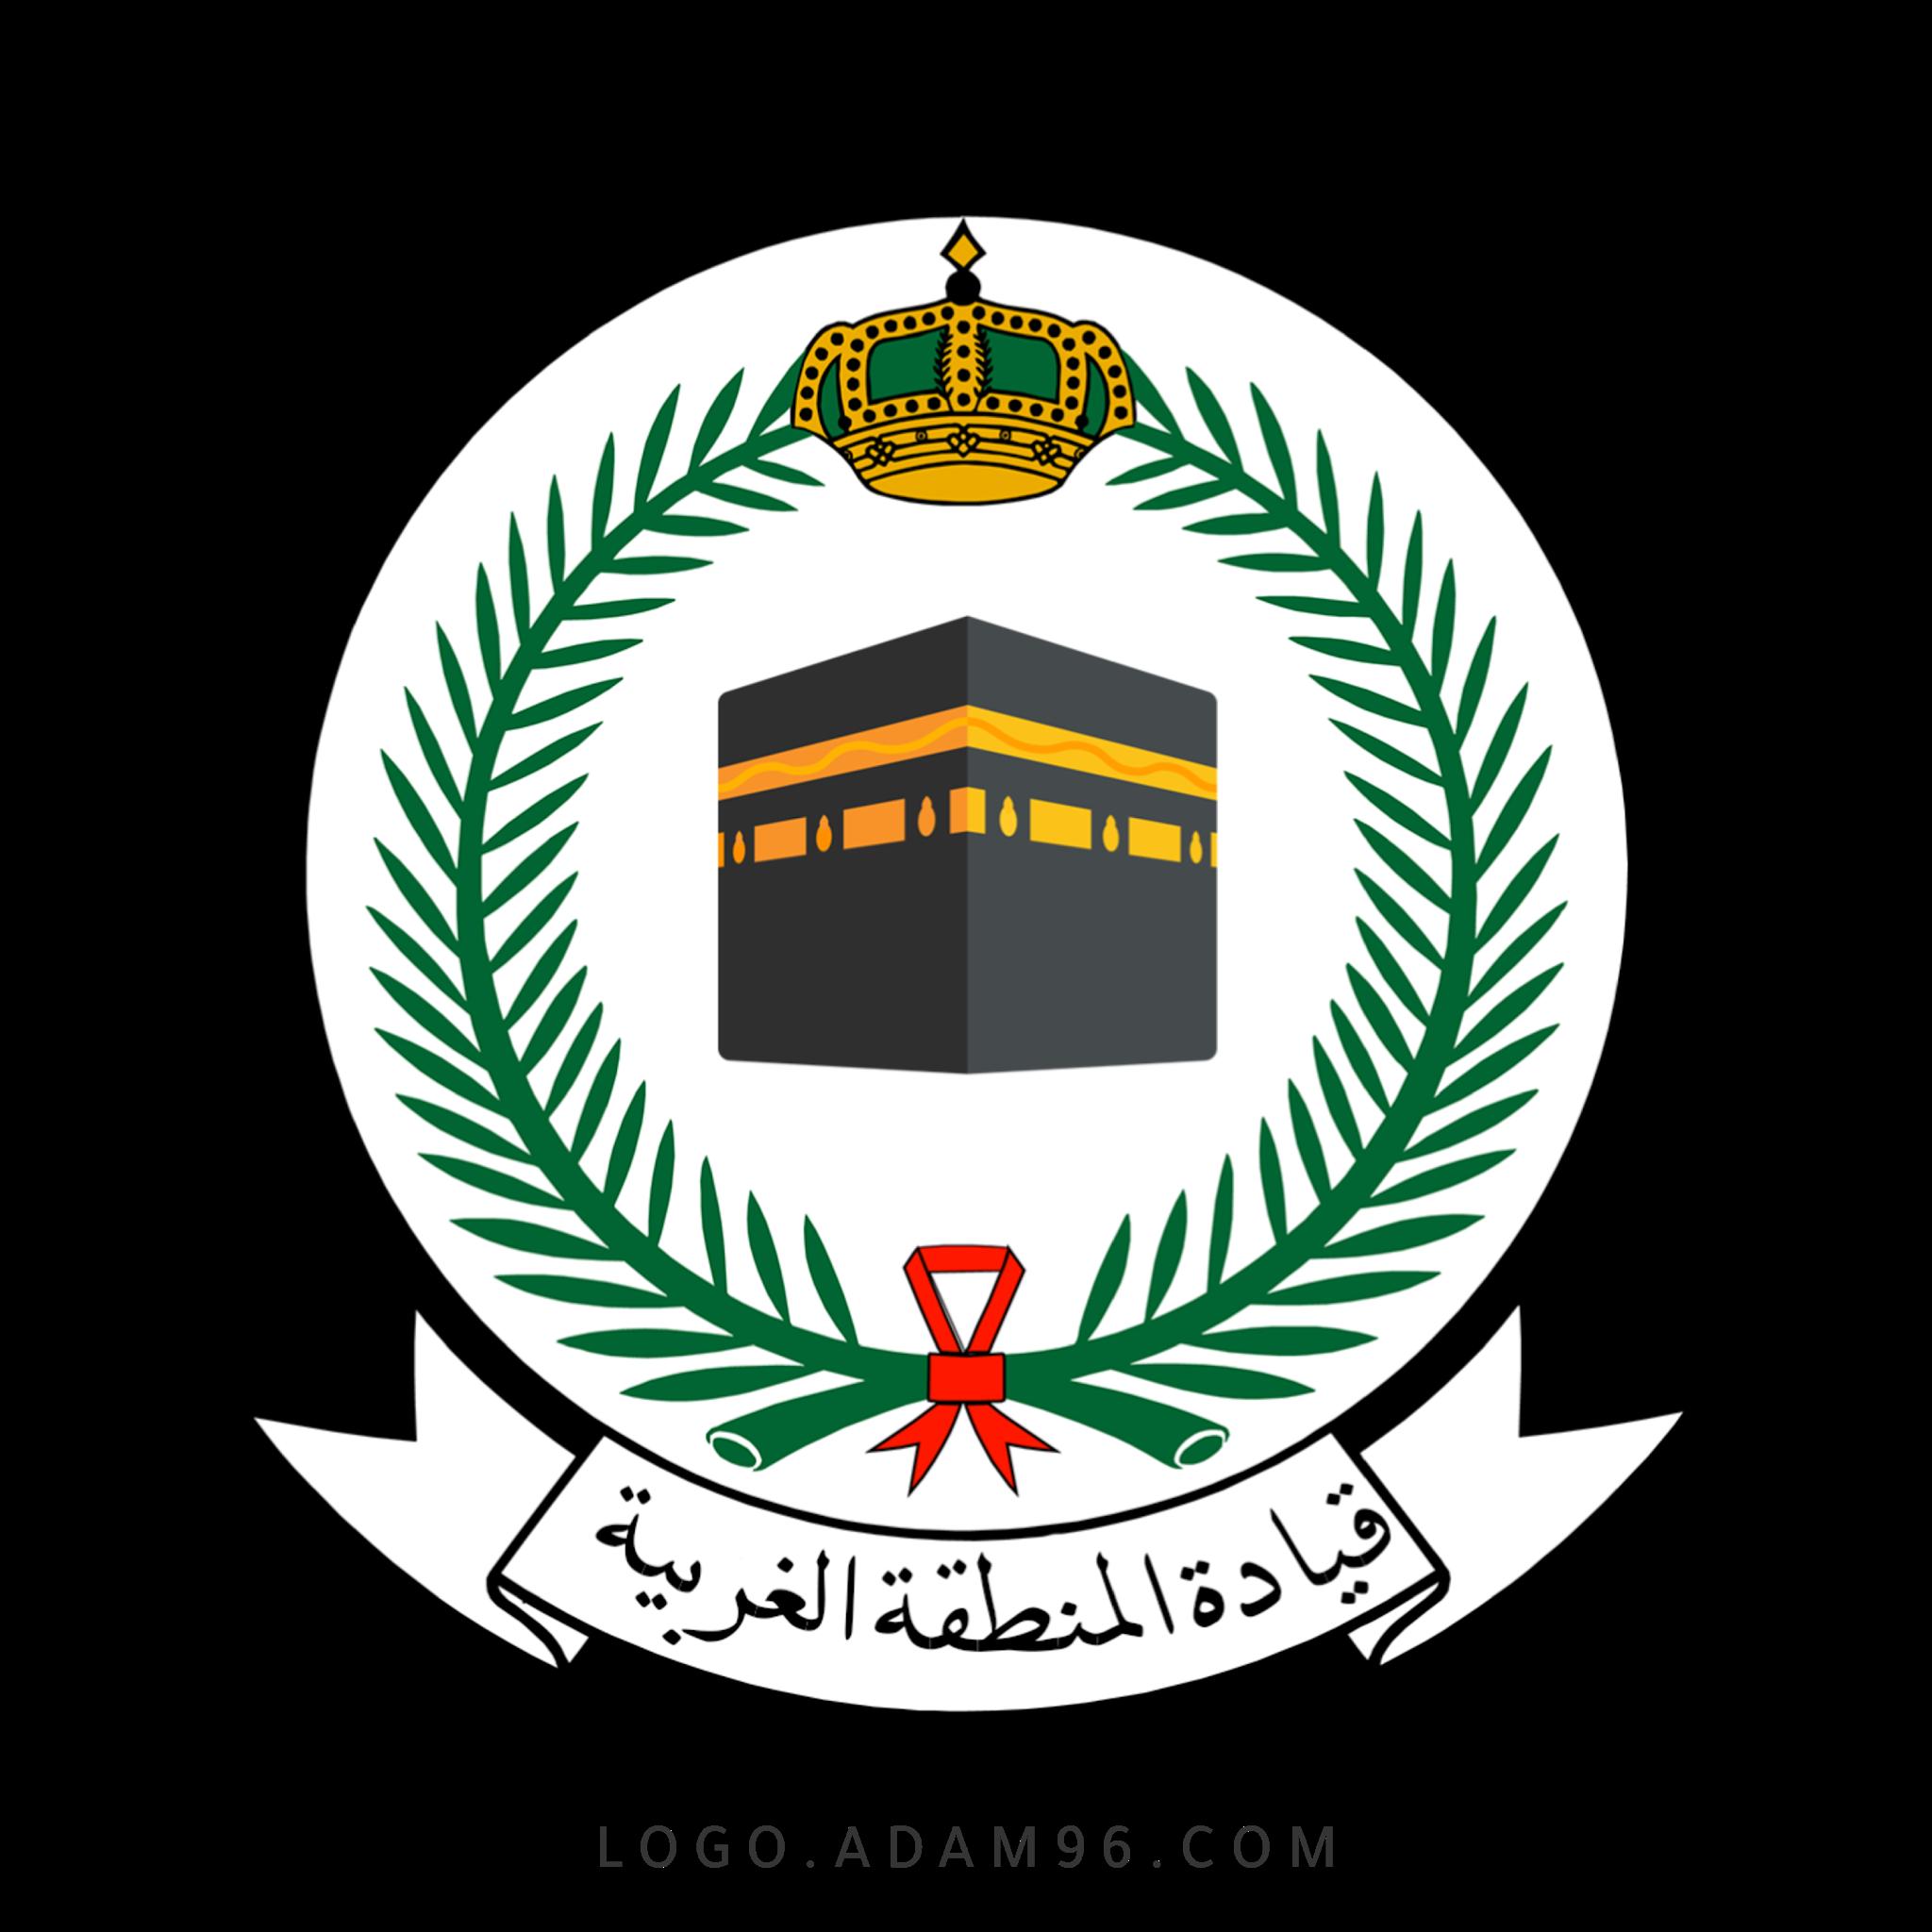 تحميل شعار قيادة المنطقة الغربية العسكرية لوجو رسمي عالي الجودة PNG